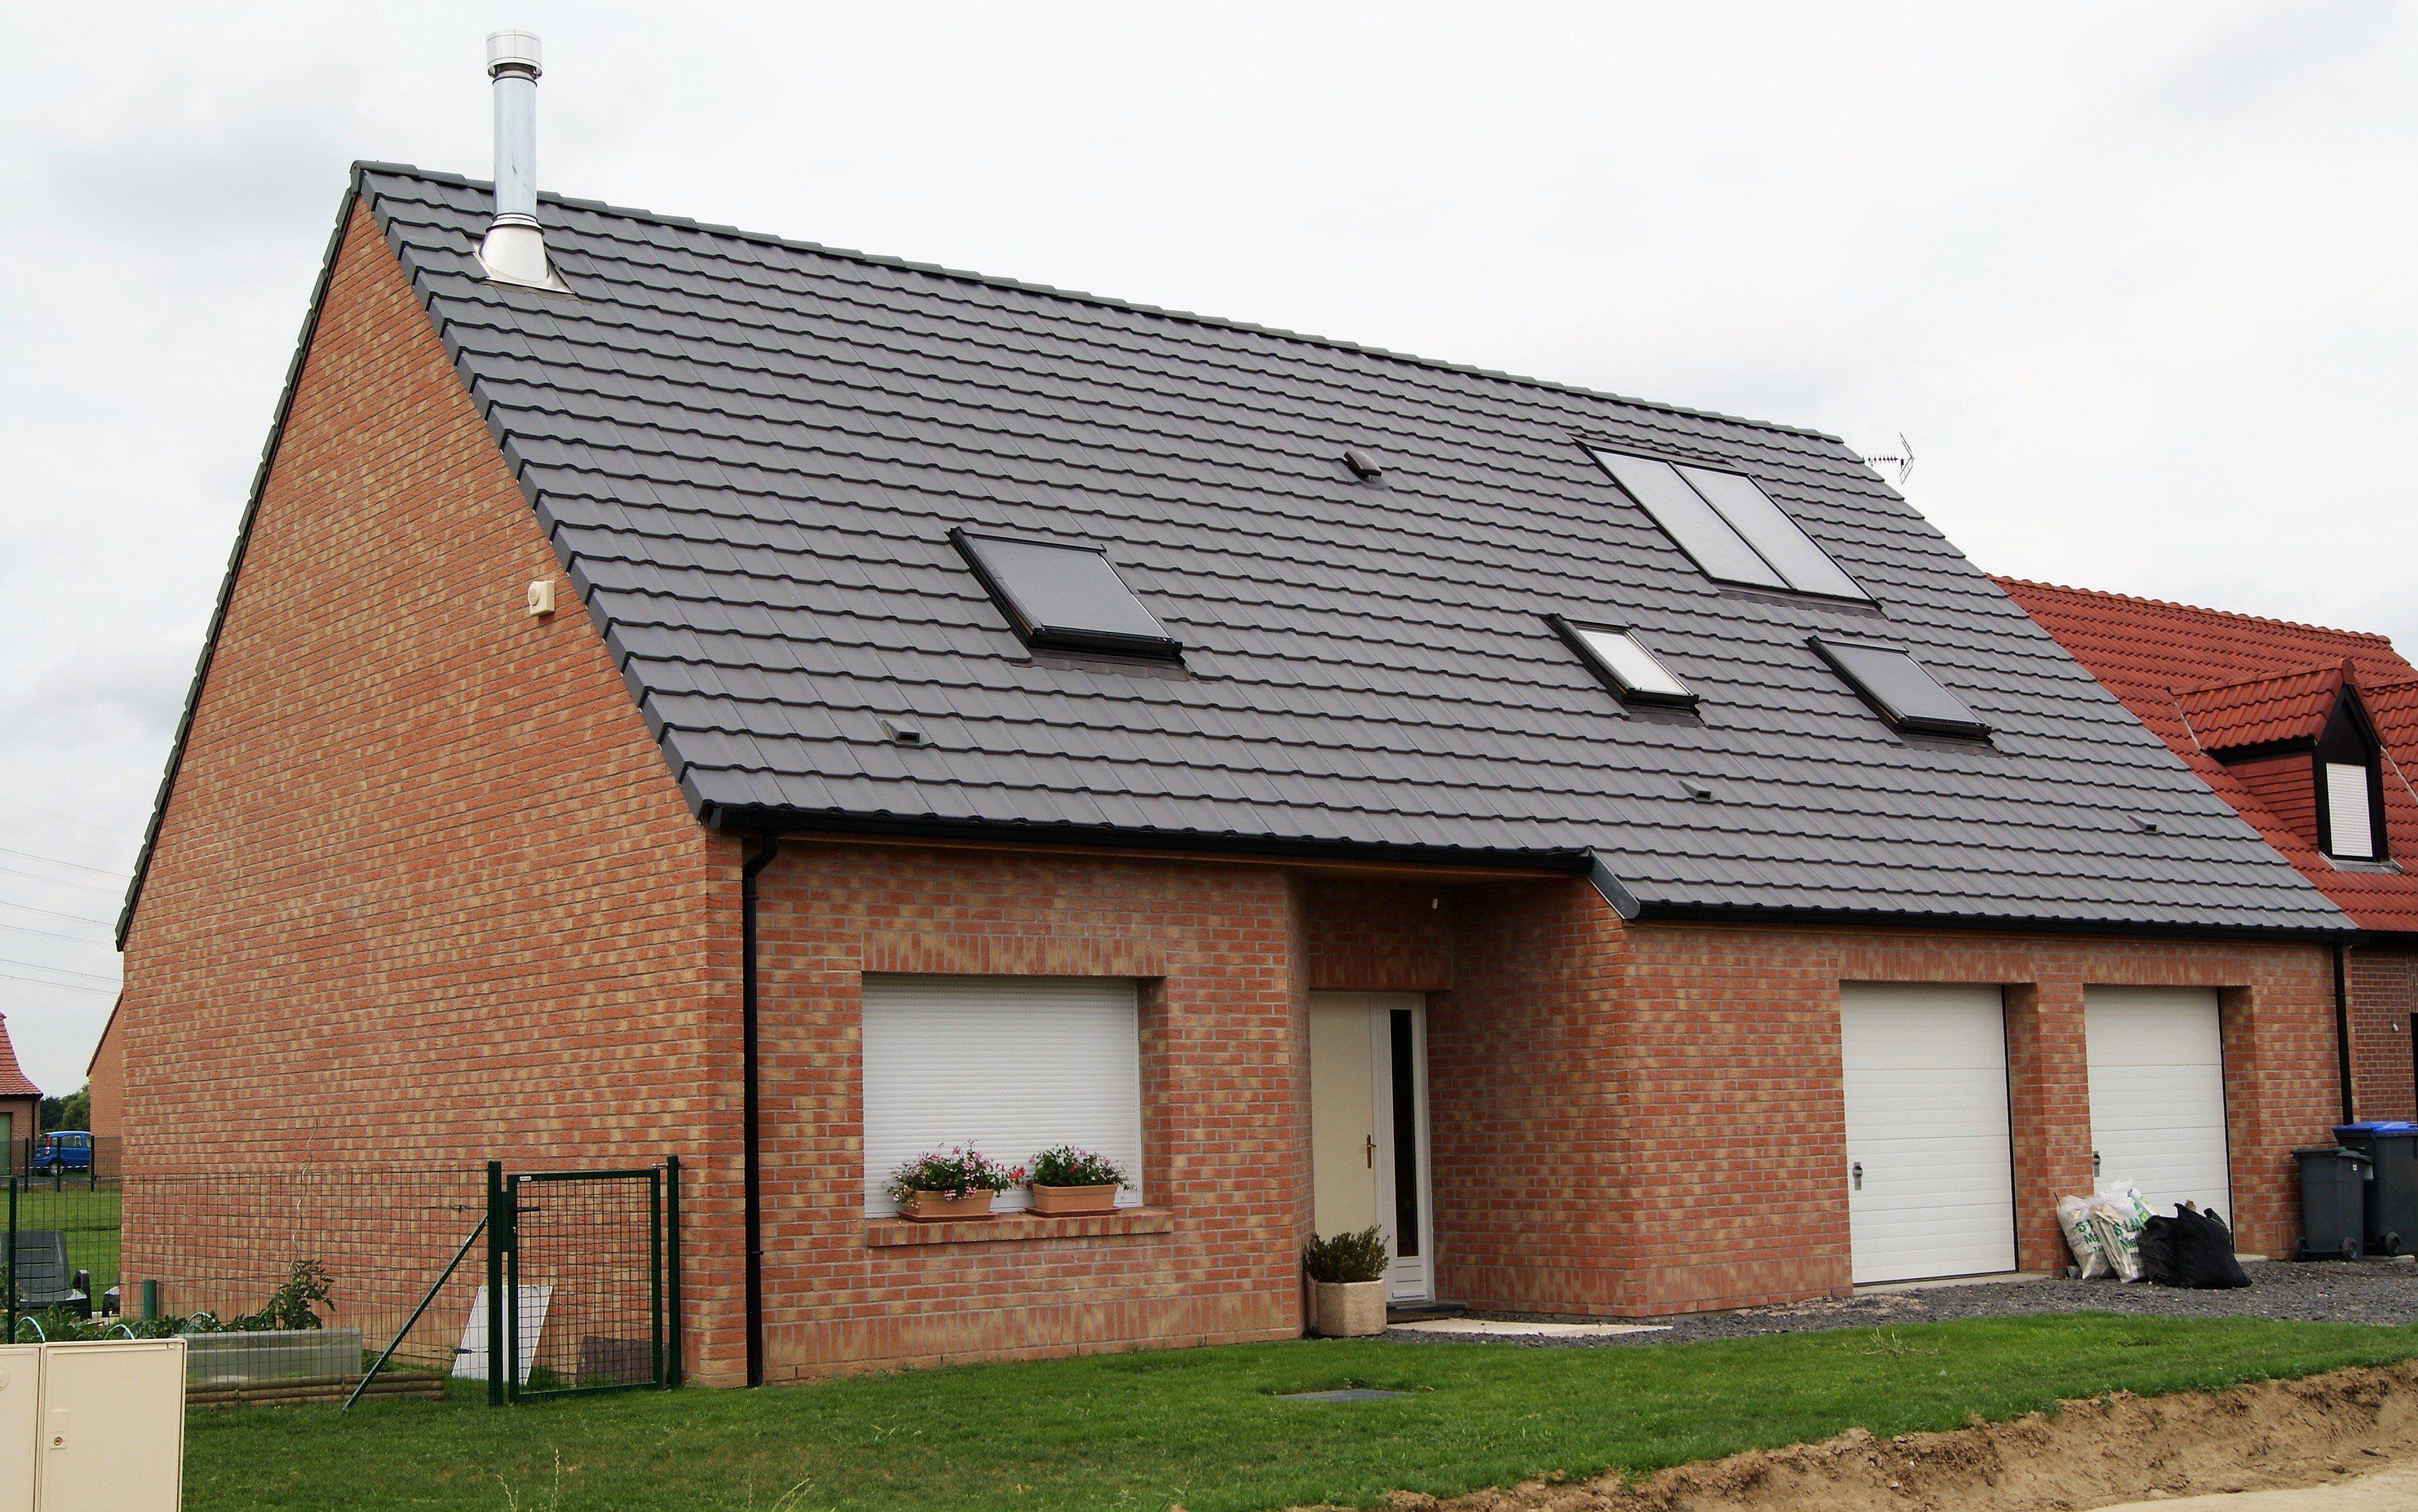 Achat-Vente-Maison-Nord-Pas-De-Calais-NORD-ERQUINGHEM-LE-SEC